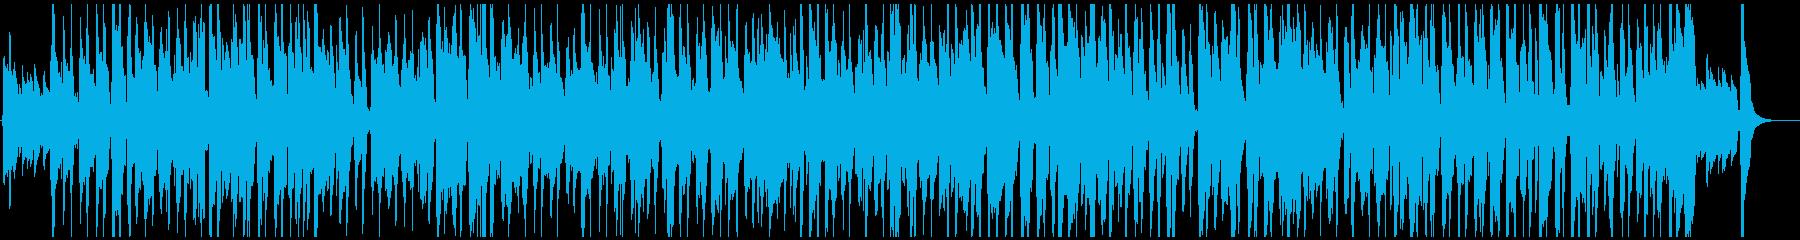 ハッピーなジプシースイング ※60秒版の再生済みの波形